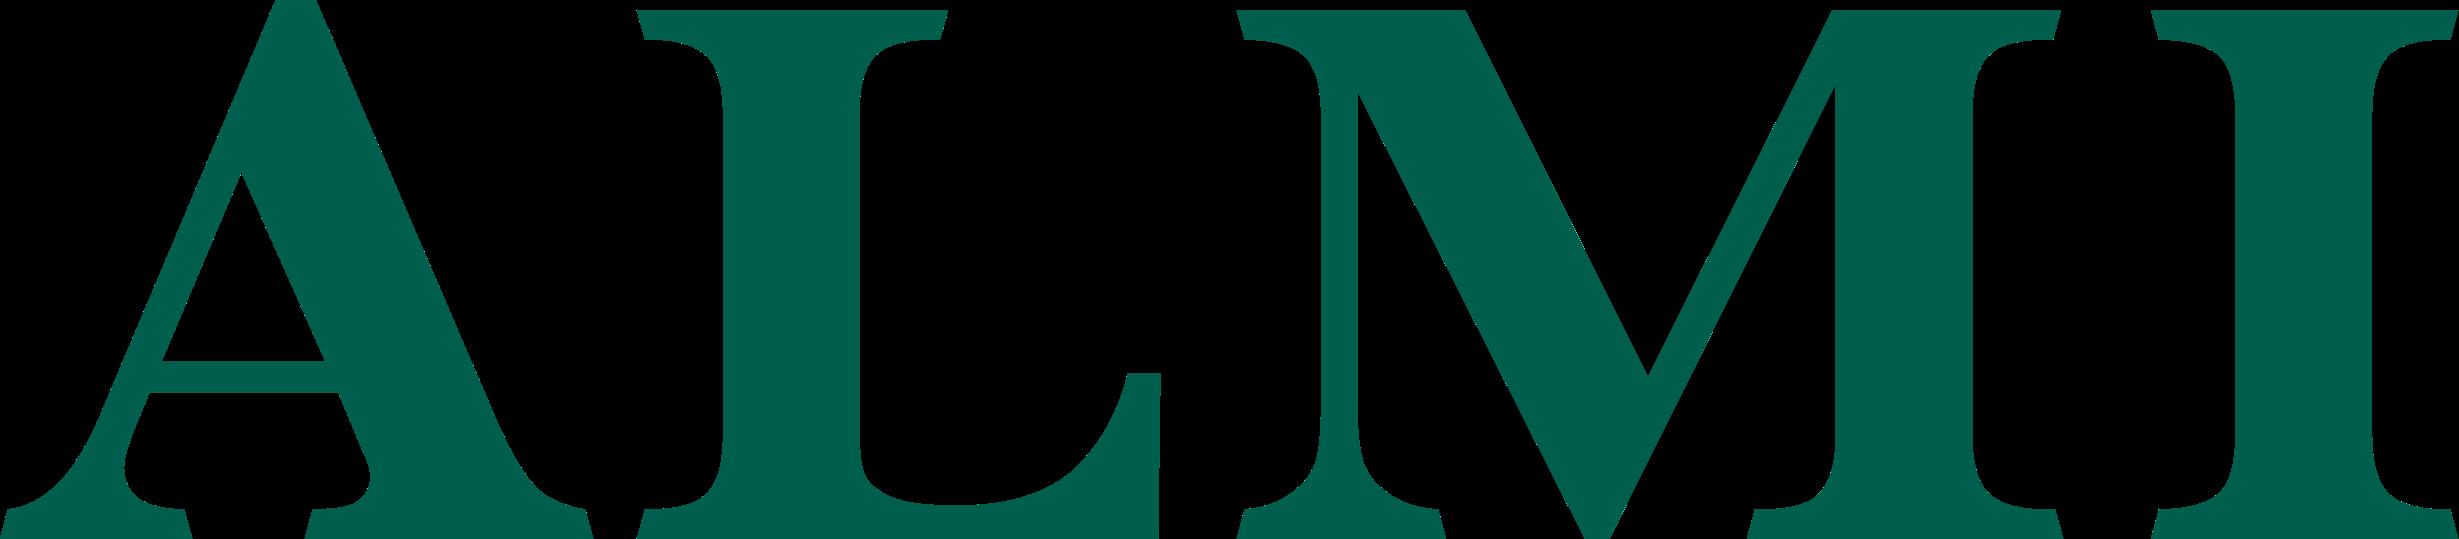 Almis logotyp som länkar till hur solcellskollen vann ett pris för hållbara idéer